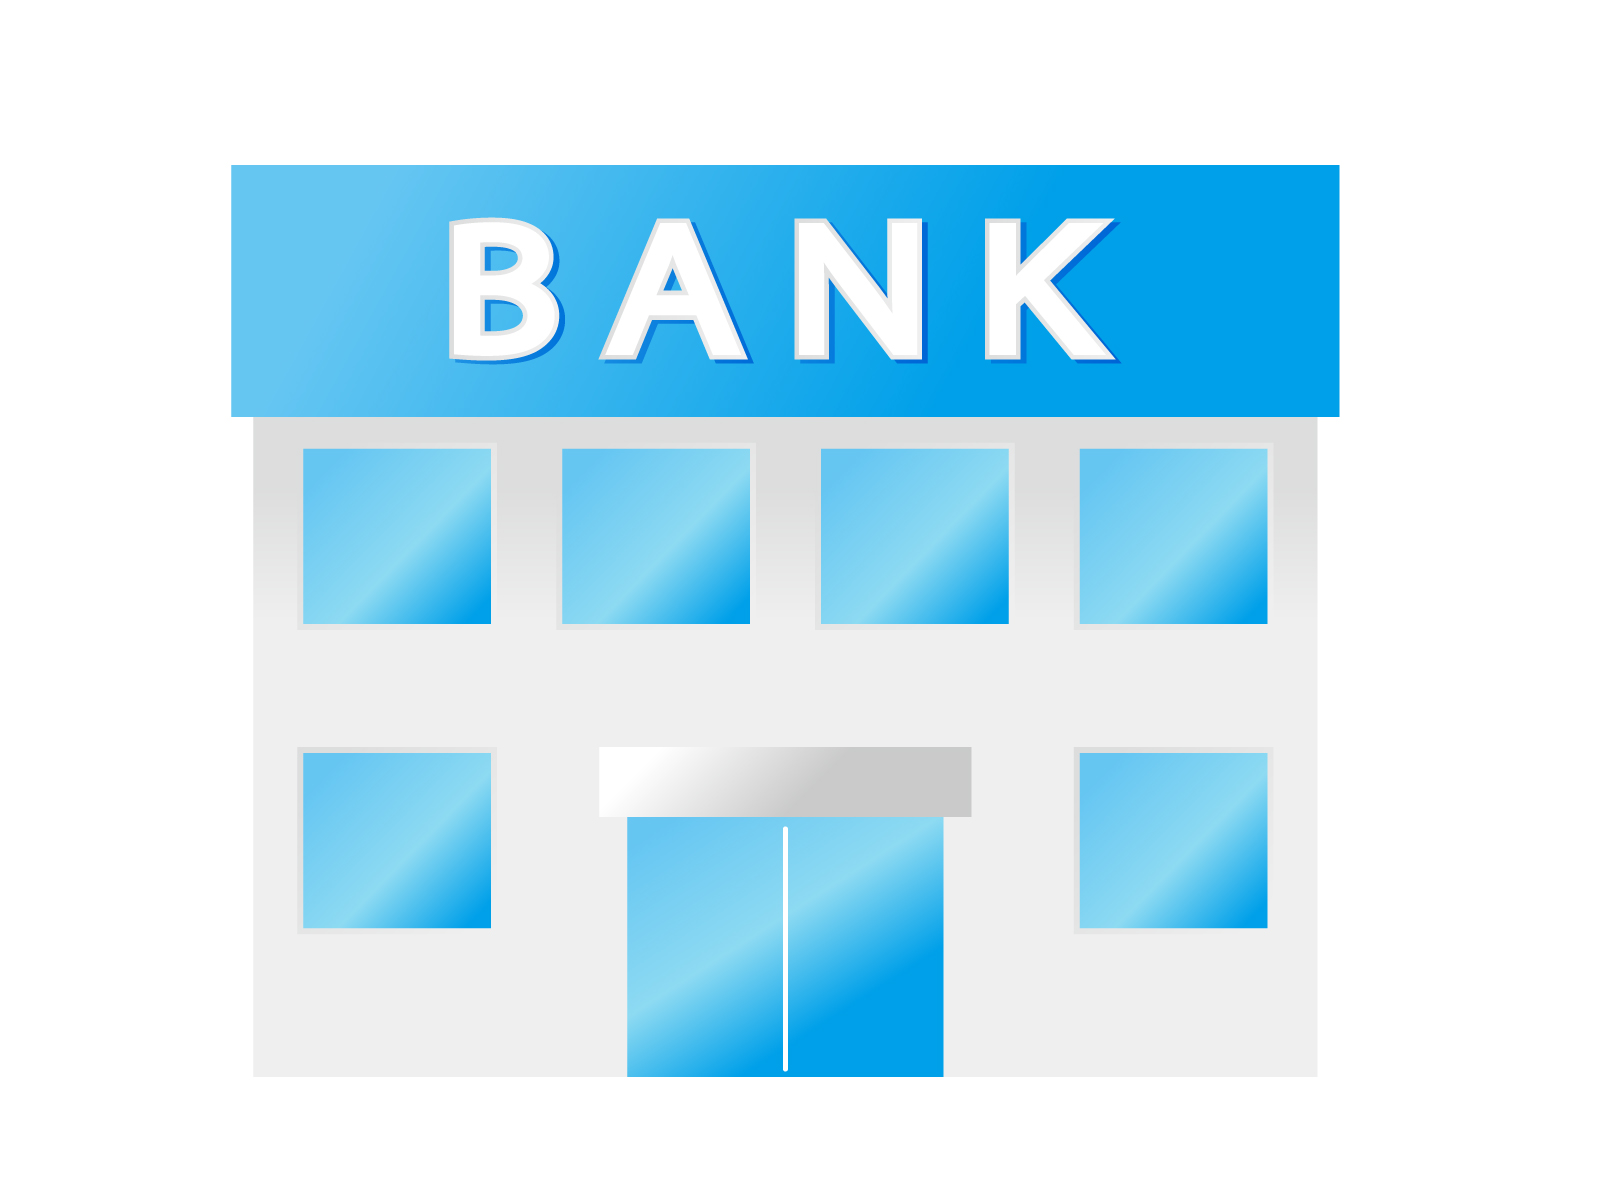 銀行員の転職に活かせる3つの強みを徹底解説!